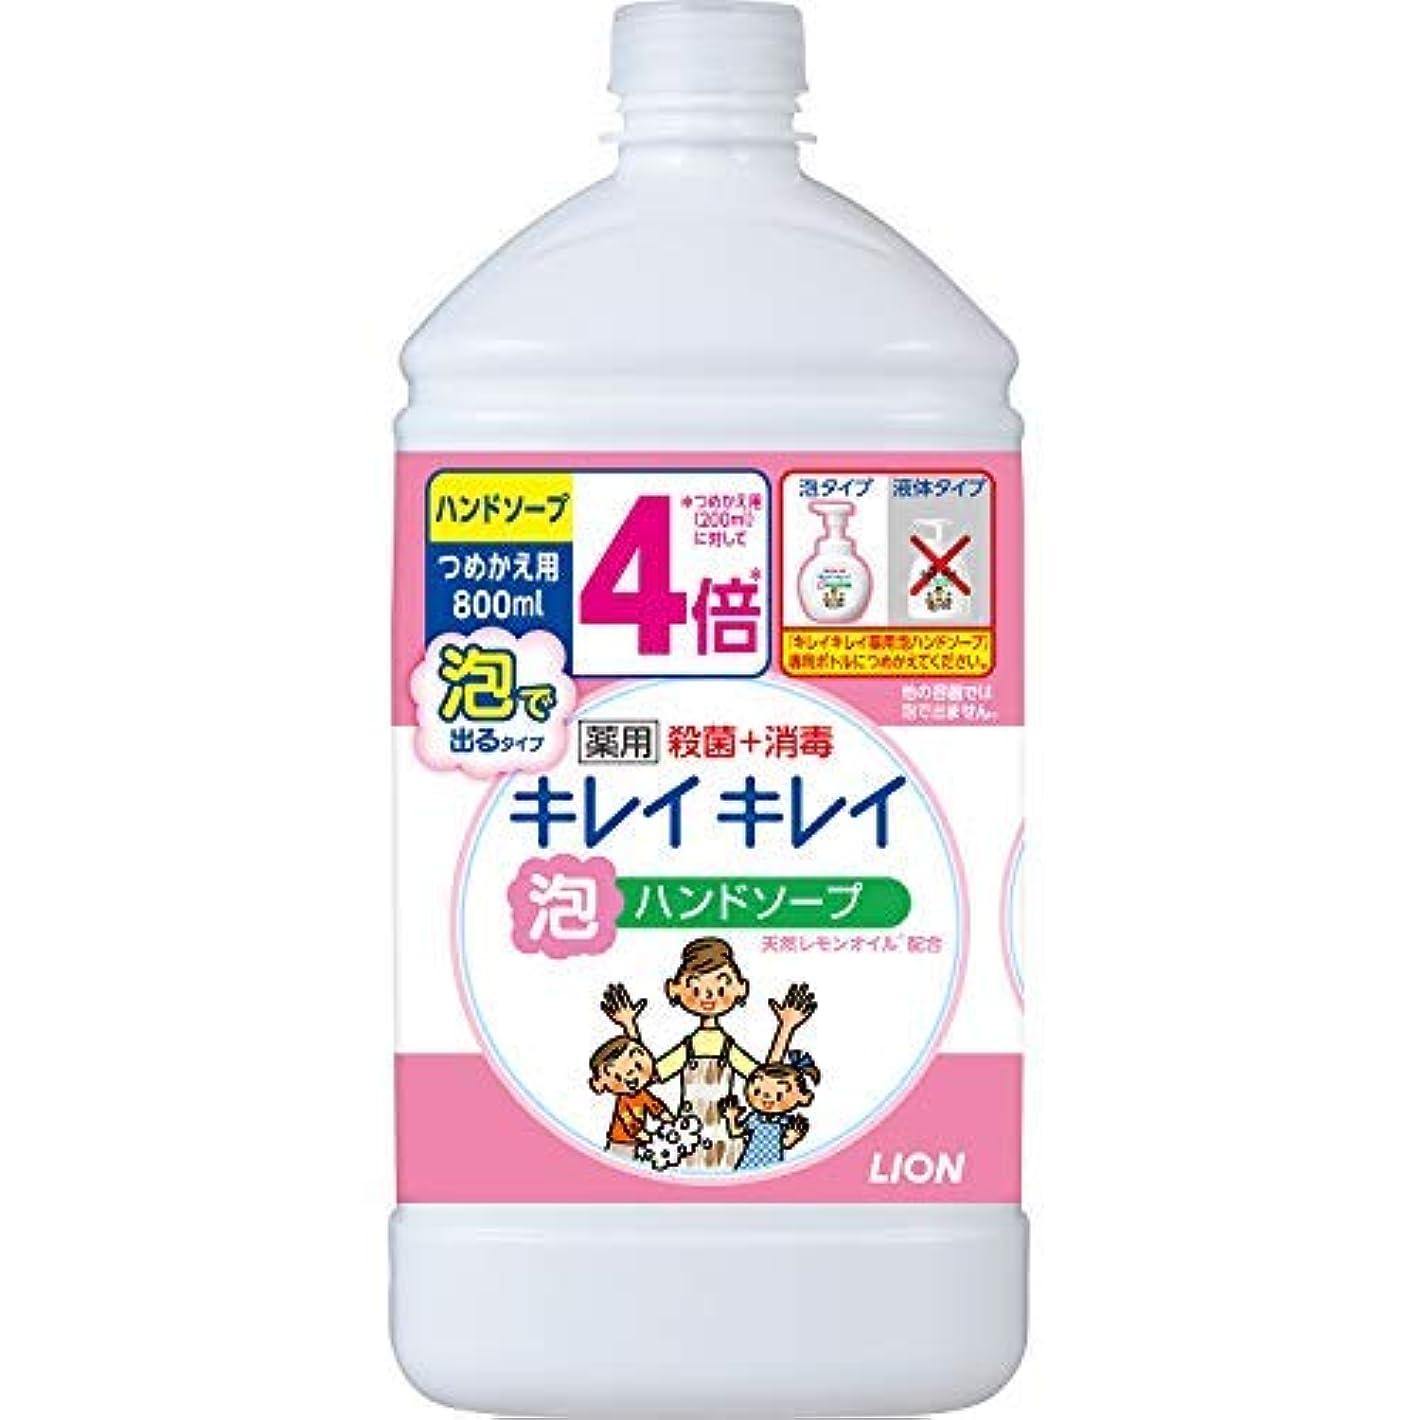 たくさんの好意歯痛キレイキレイ 薬用泡ハンドソープ つめかえ用特大サイズ シトラスフルーティ × 3個セット